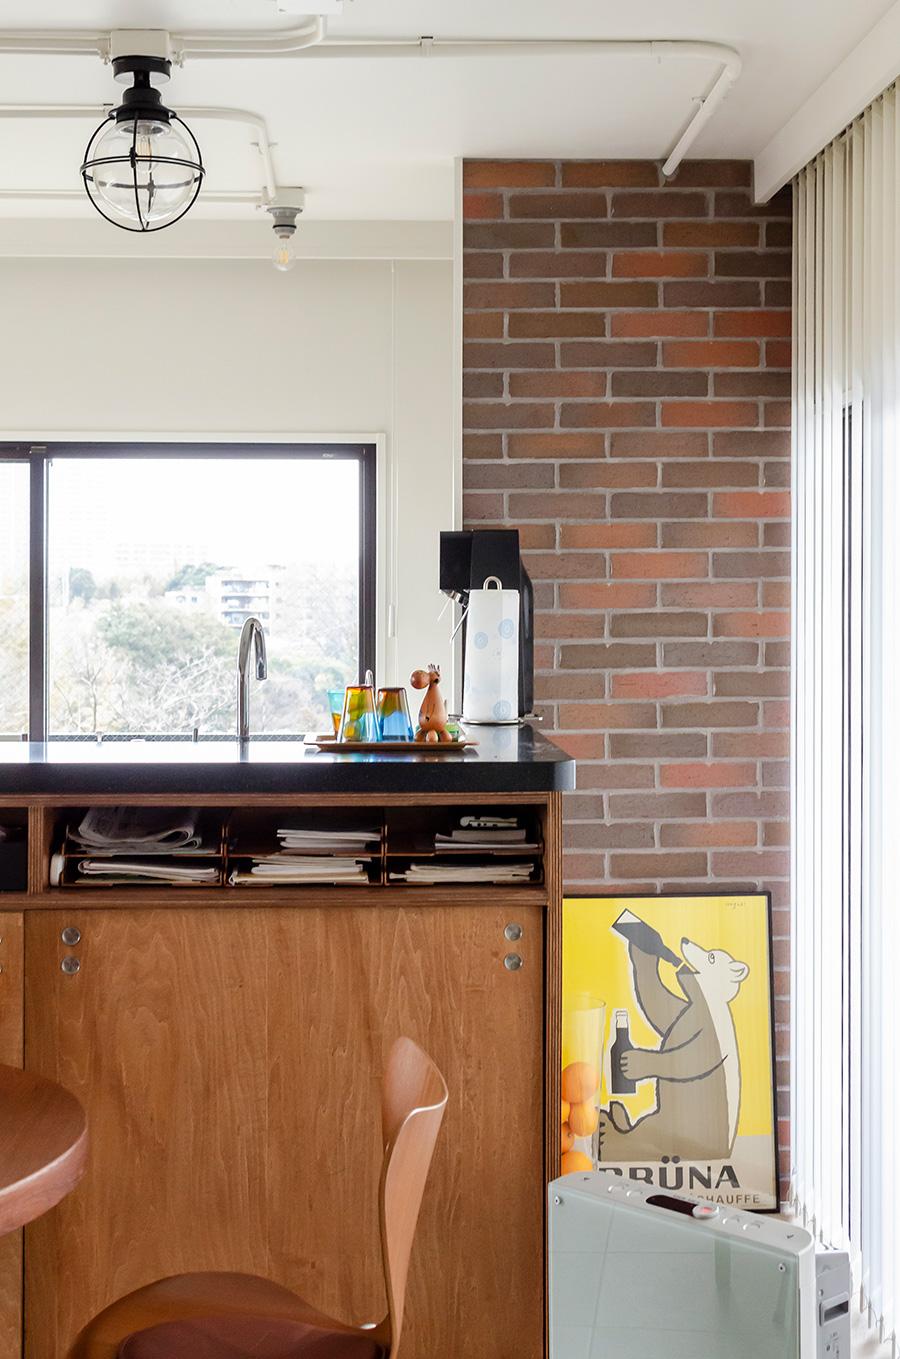 キッチン横にある構造体をレンガで覆ってアクセントに。